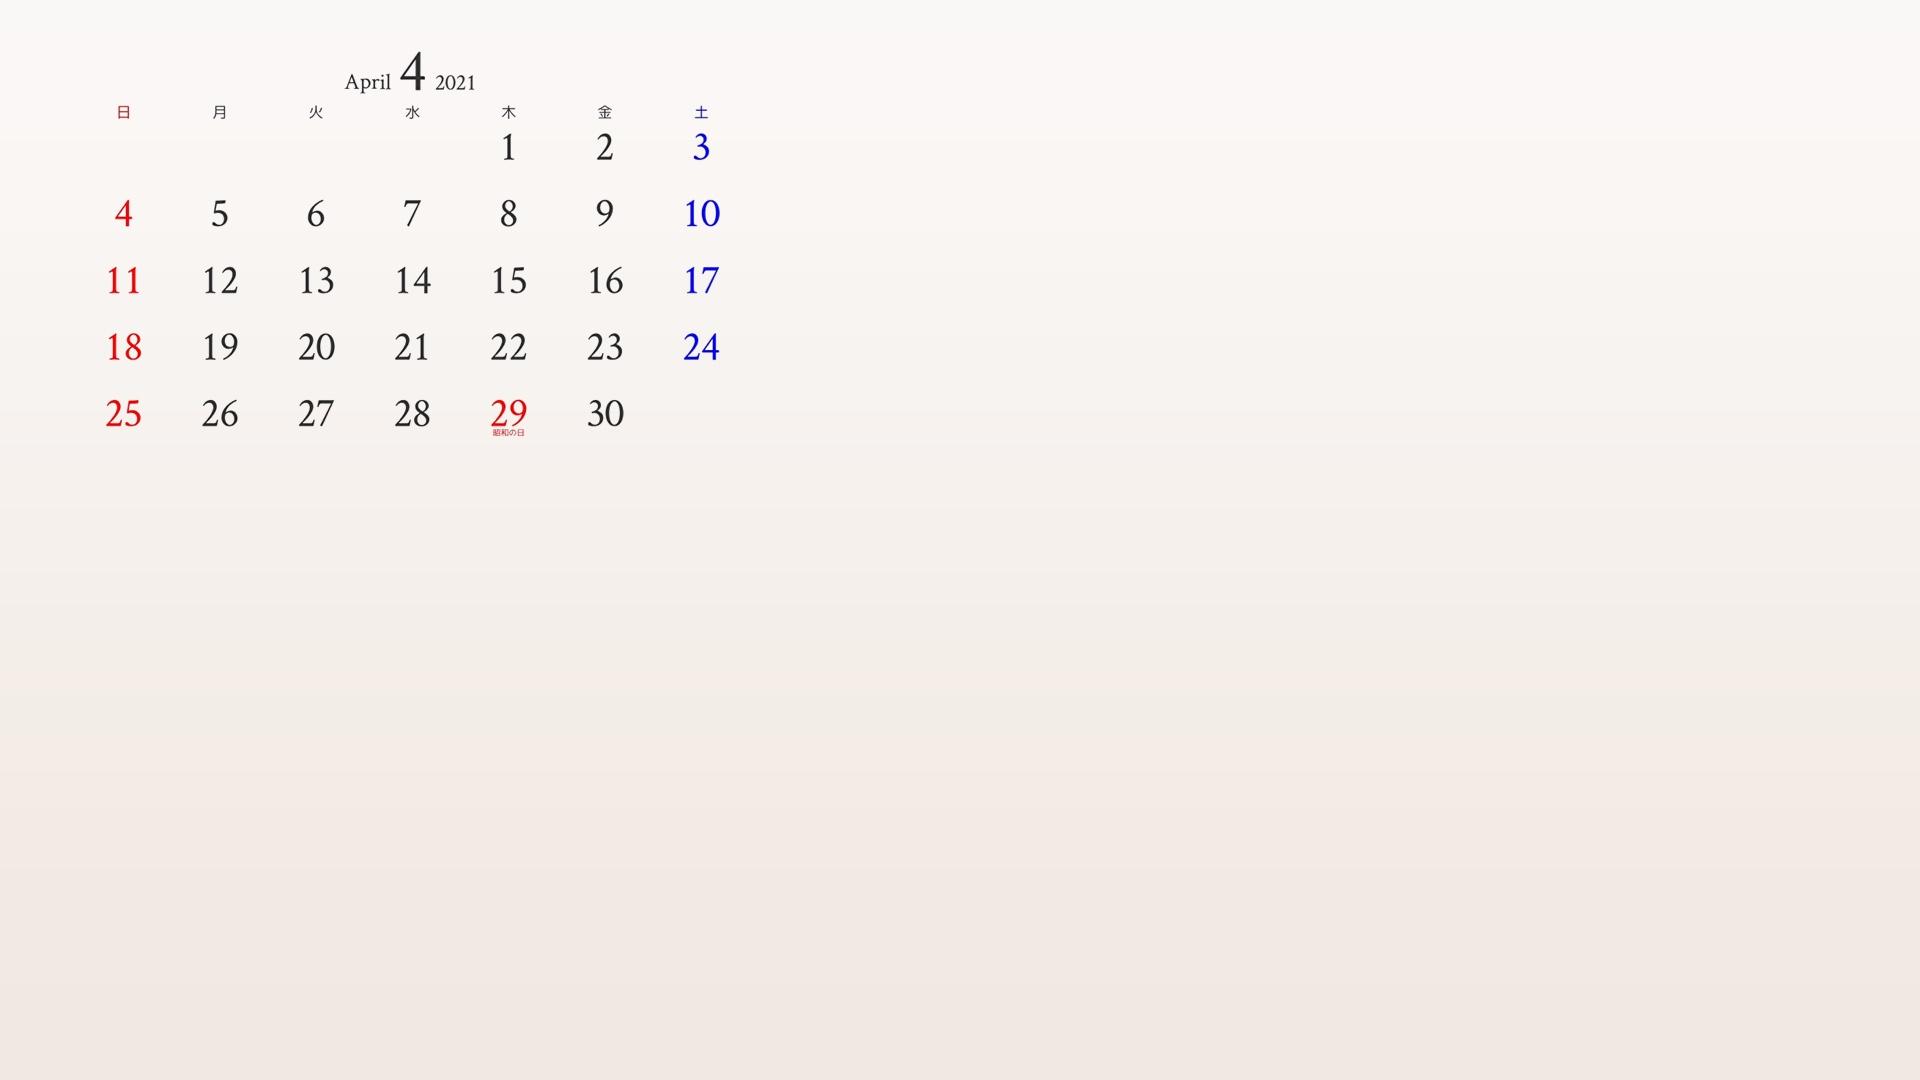 4月のカレンダーがついたアイボリーの背景